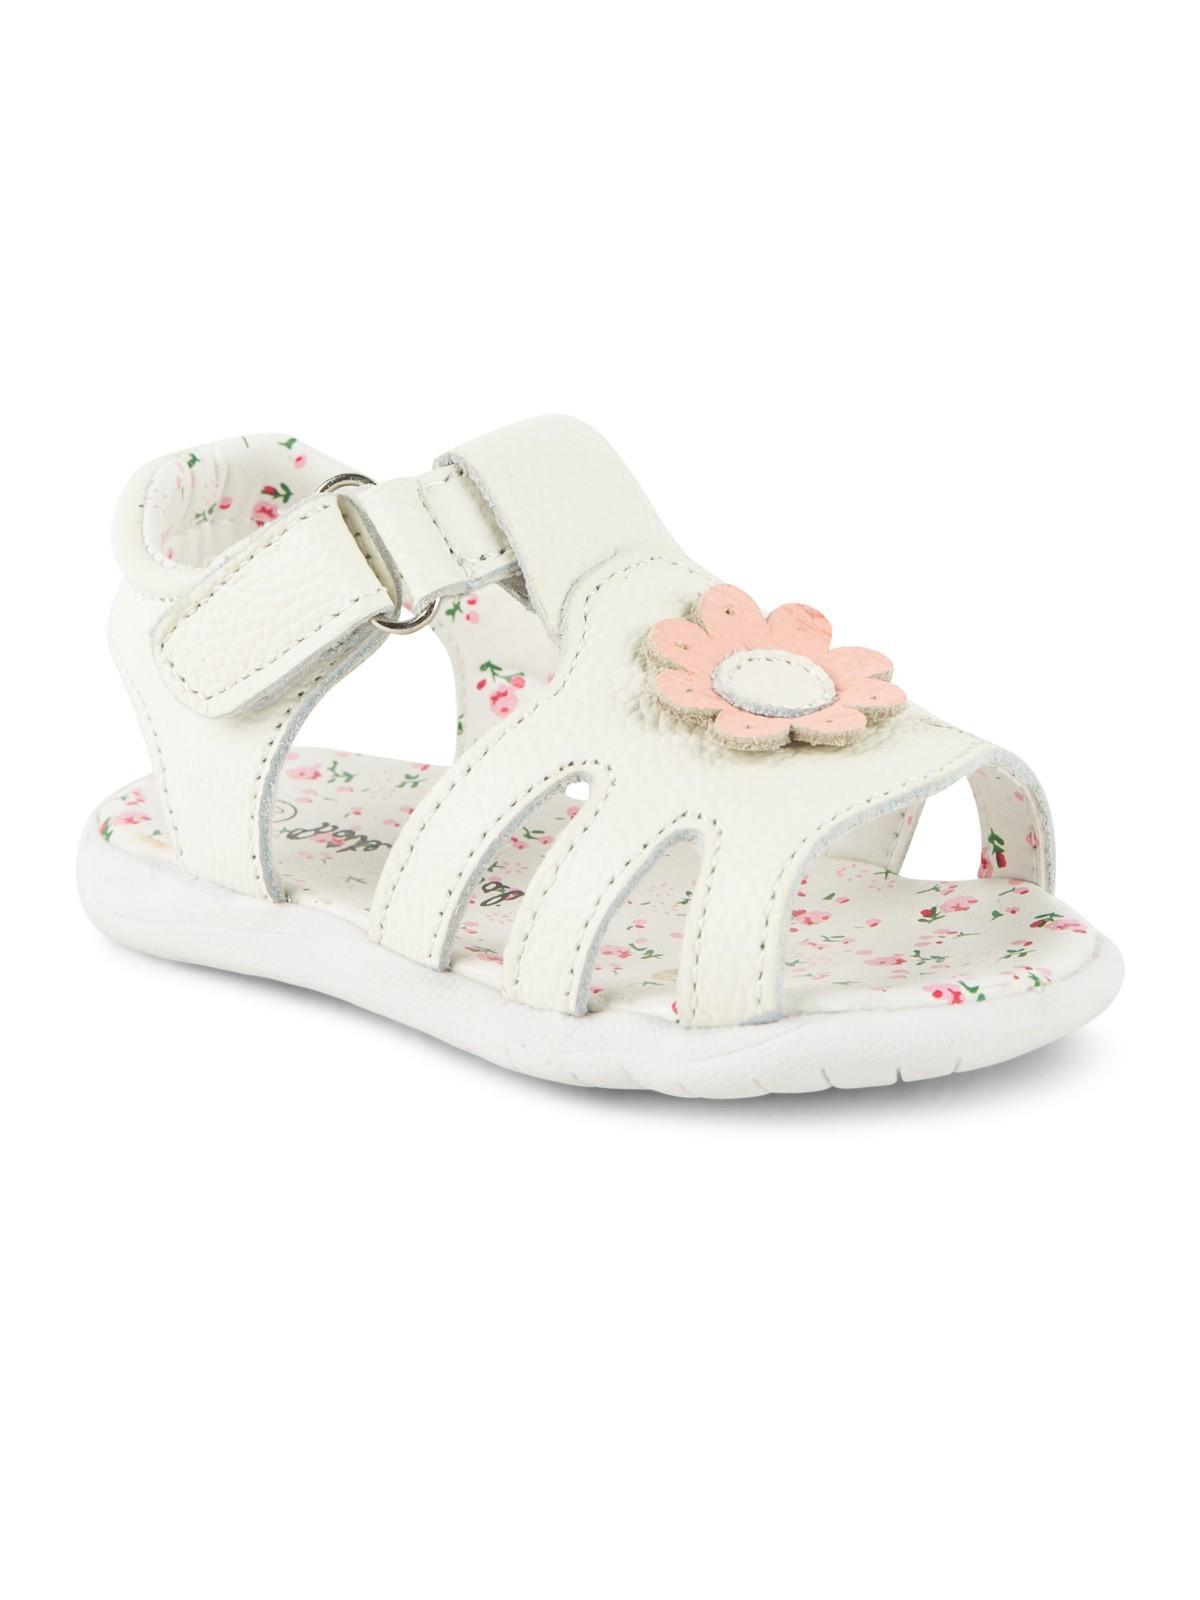 sandales cuir a marguerite bebe 19 23 districenter With tapis chambre bébé avec fleur de bach 77 composition